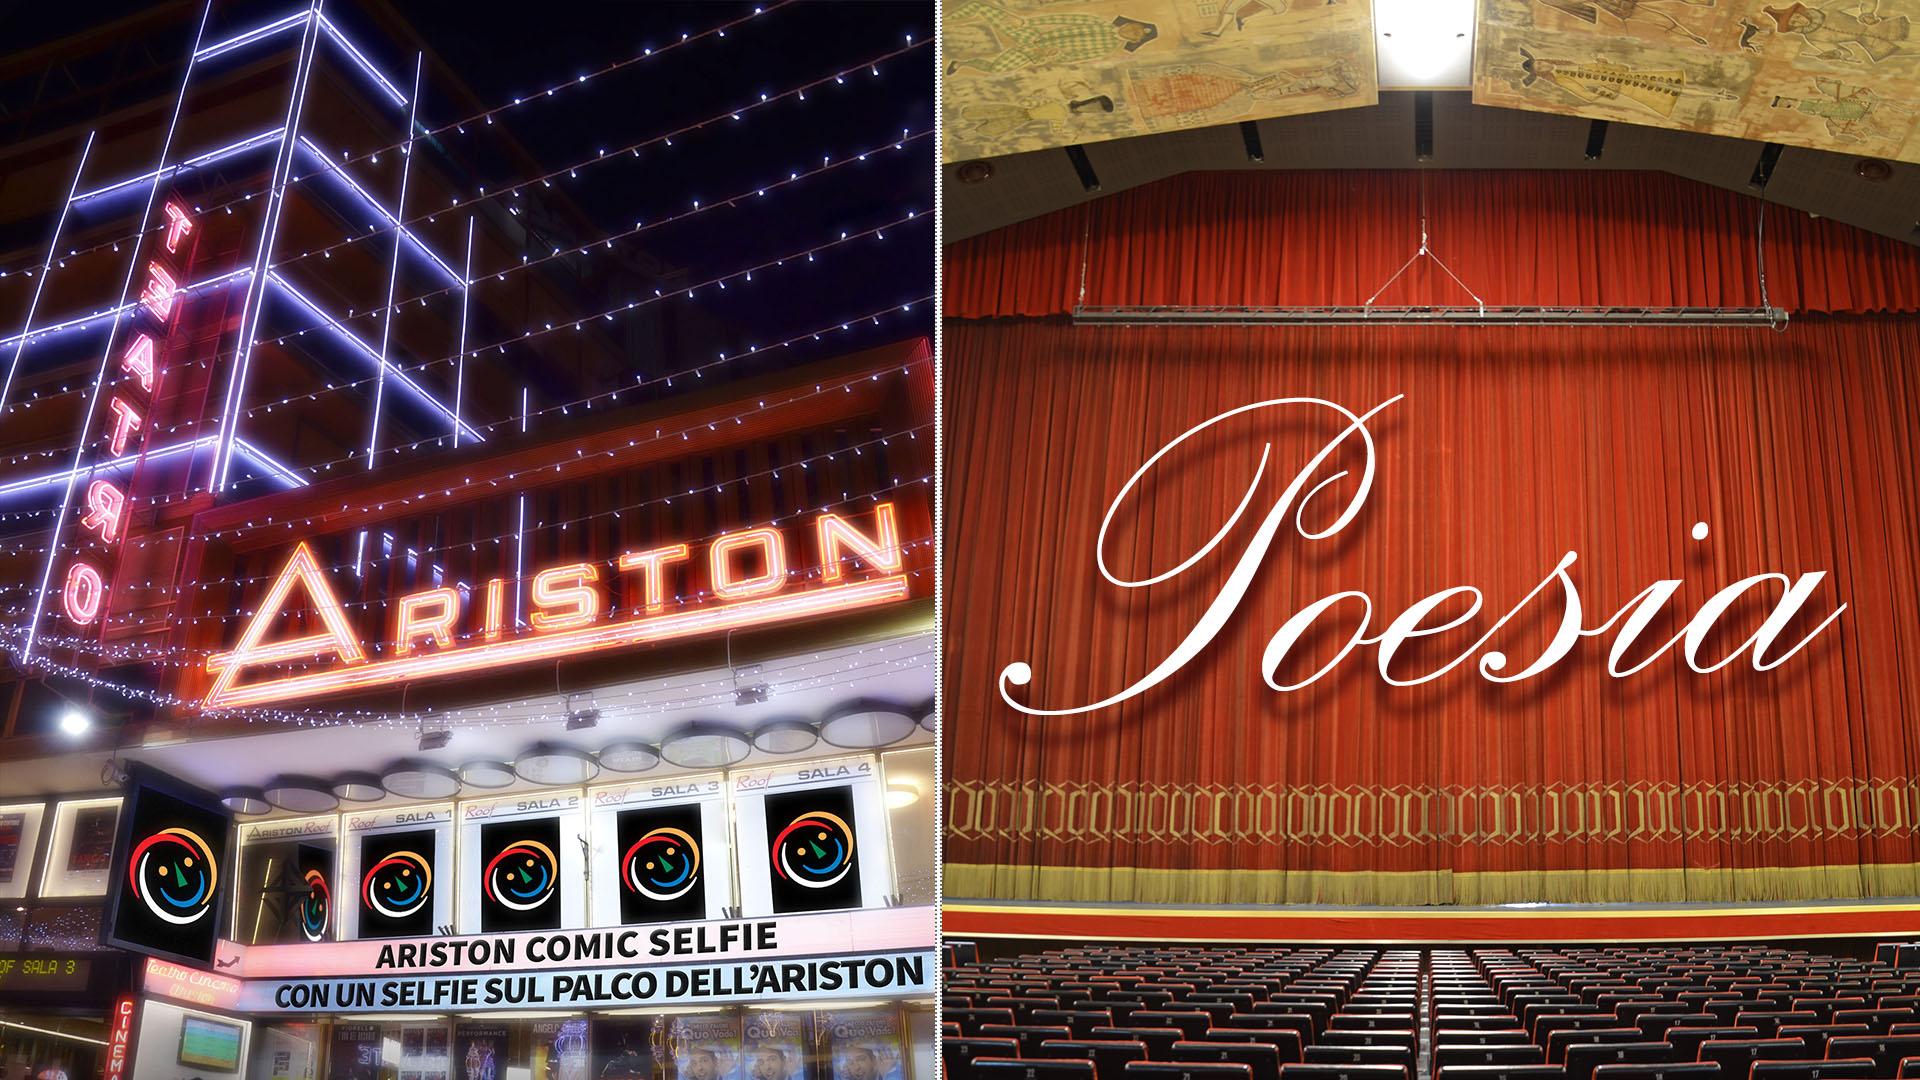 LA POESIA E I POETI PROTAGONISTI SUL PALCO DELL'ARISTON, AL VIA LA SELFIE POETRY DI ARISTON COMIC SELFIE 2018. Dal 10 al 26 aprile aperta la raccolta dei video-selfie poetici – I 3 finalisti si esibiranno sul palco dell'Ariston il 30 e 31 maggio